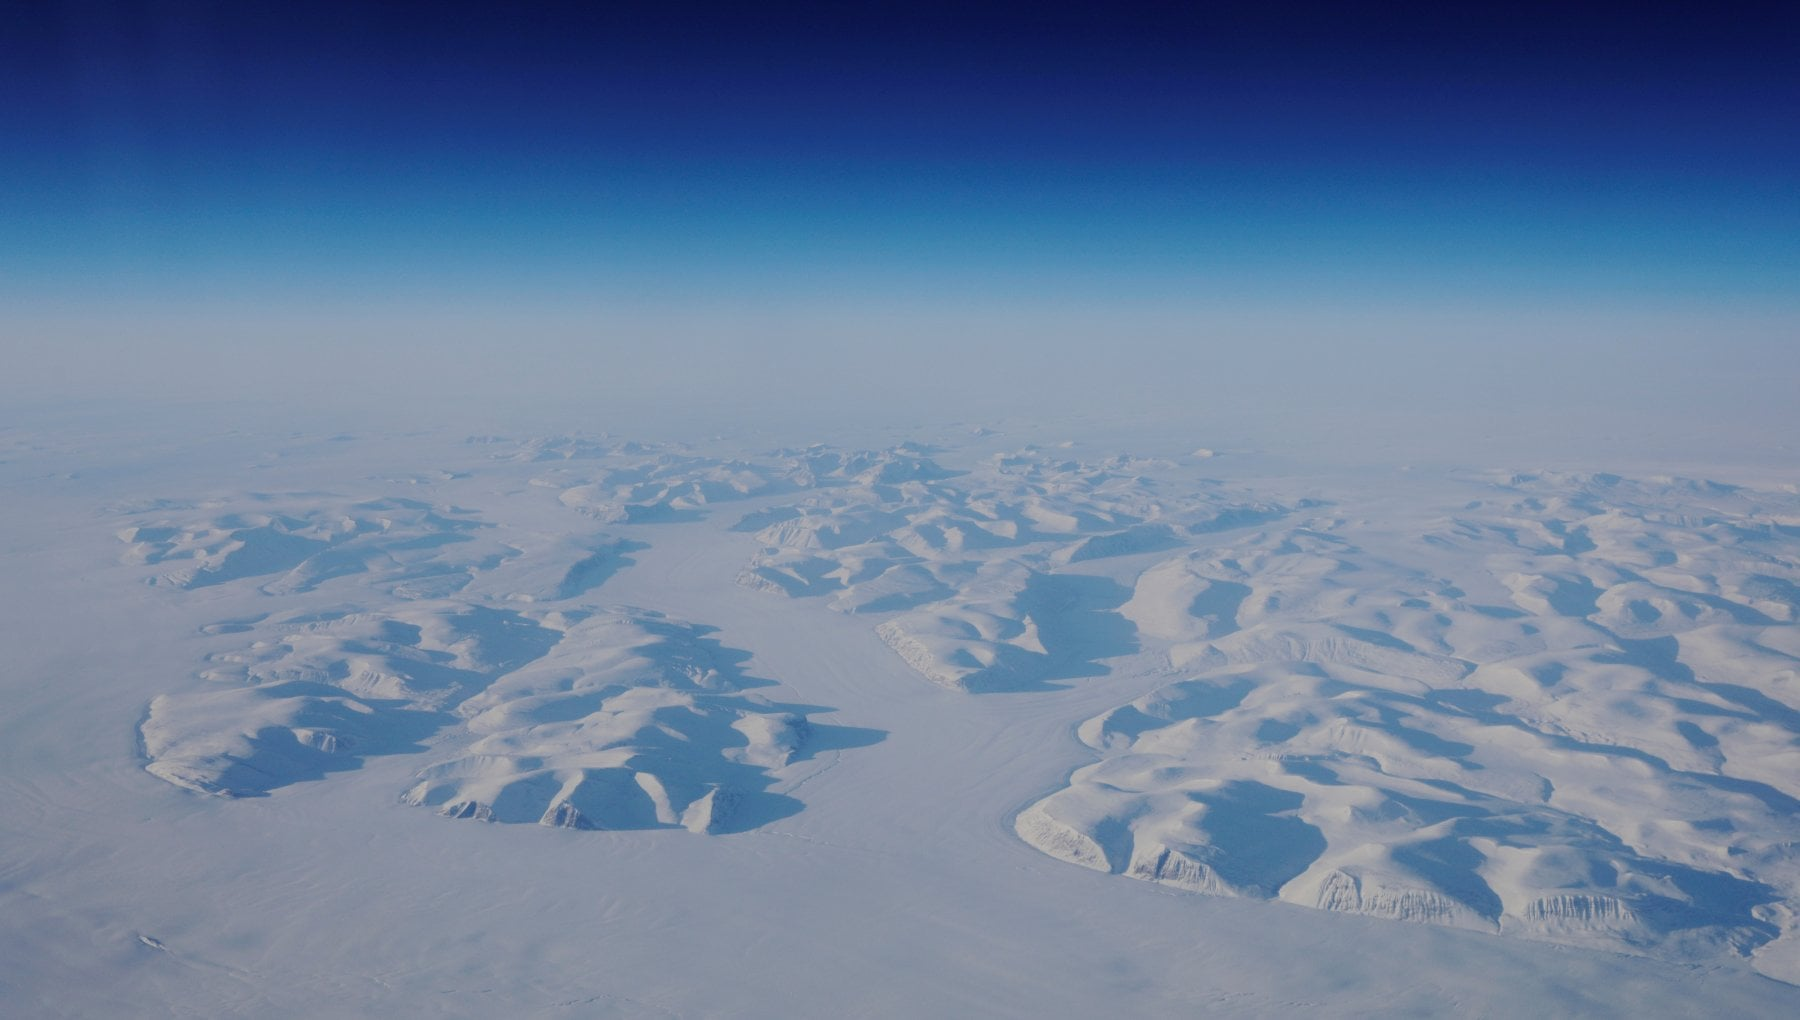 Il ghiaccio sta scomparendo a una velocita record